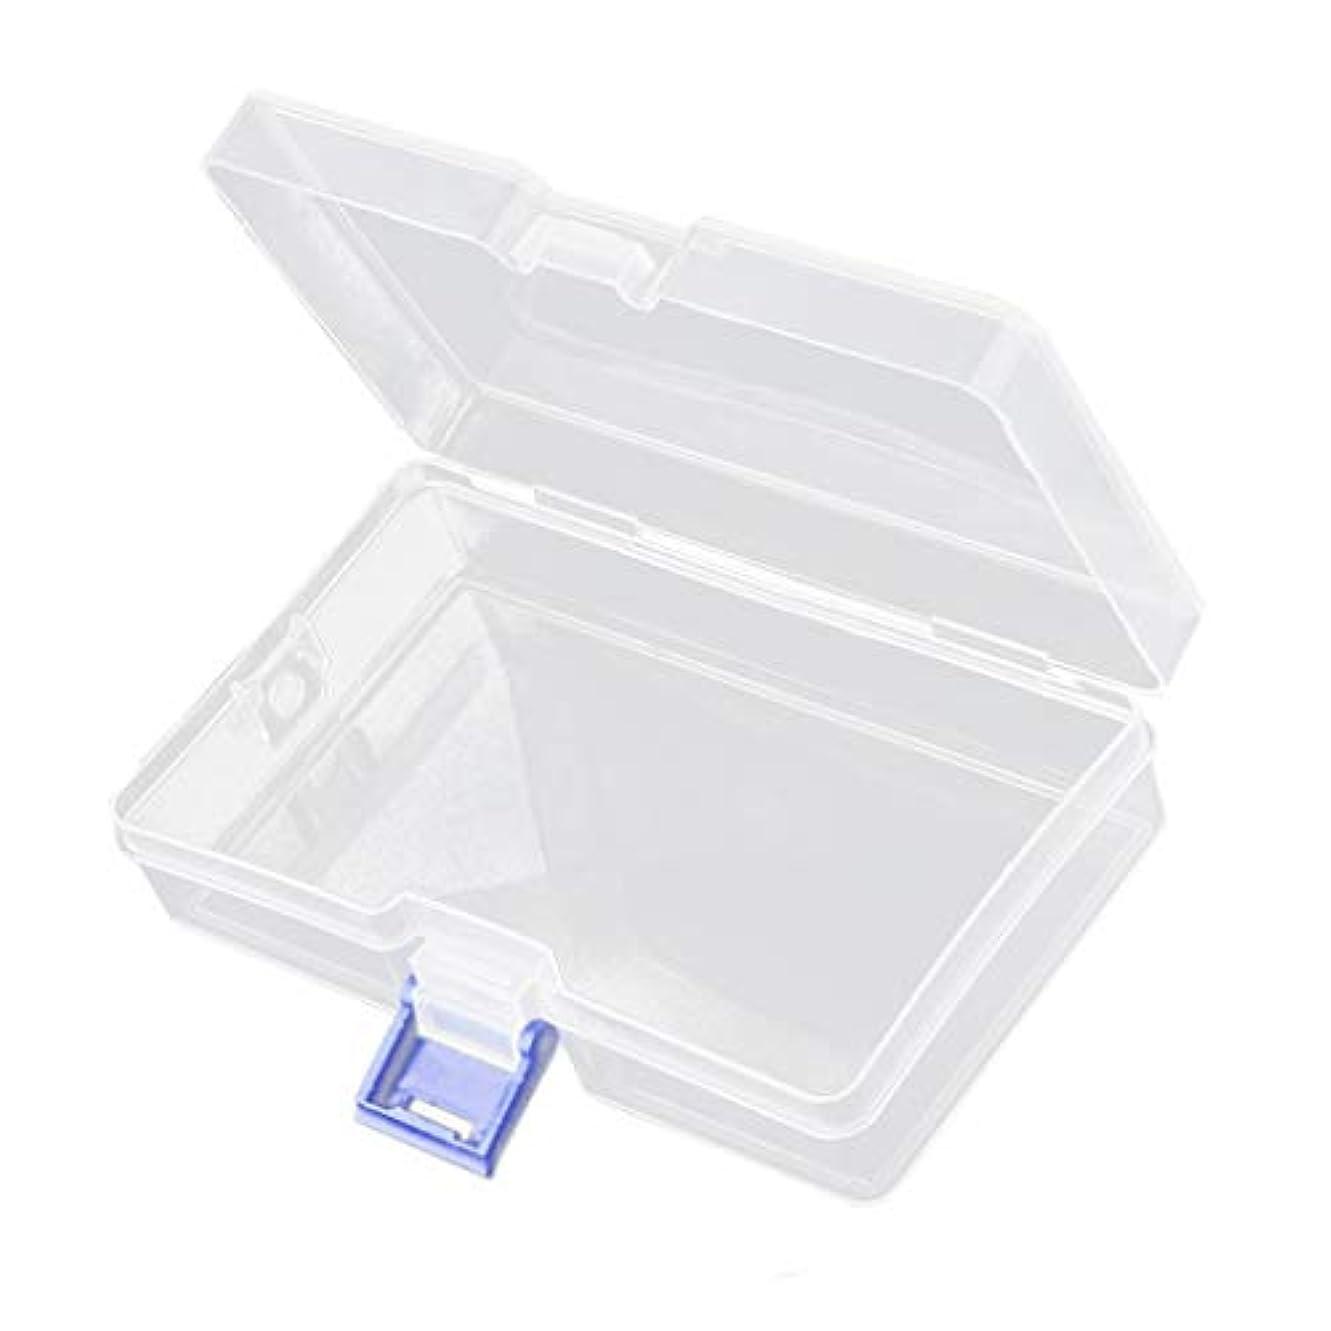 銀河歌手アラブ人SM SunniMix 高品質アクセサリー収納 小物収納ケースボックス 透明 整理箱 小物入れ ネイルアート用品収納 ボックス